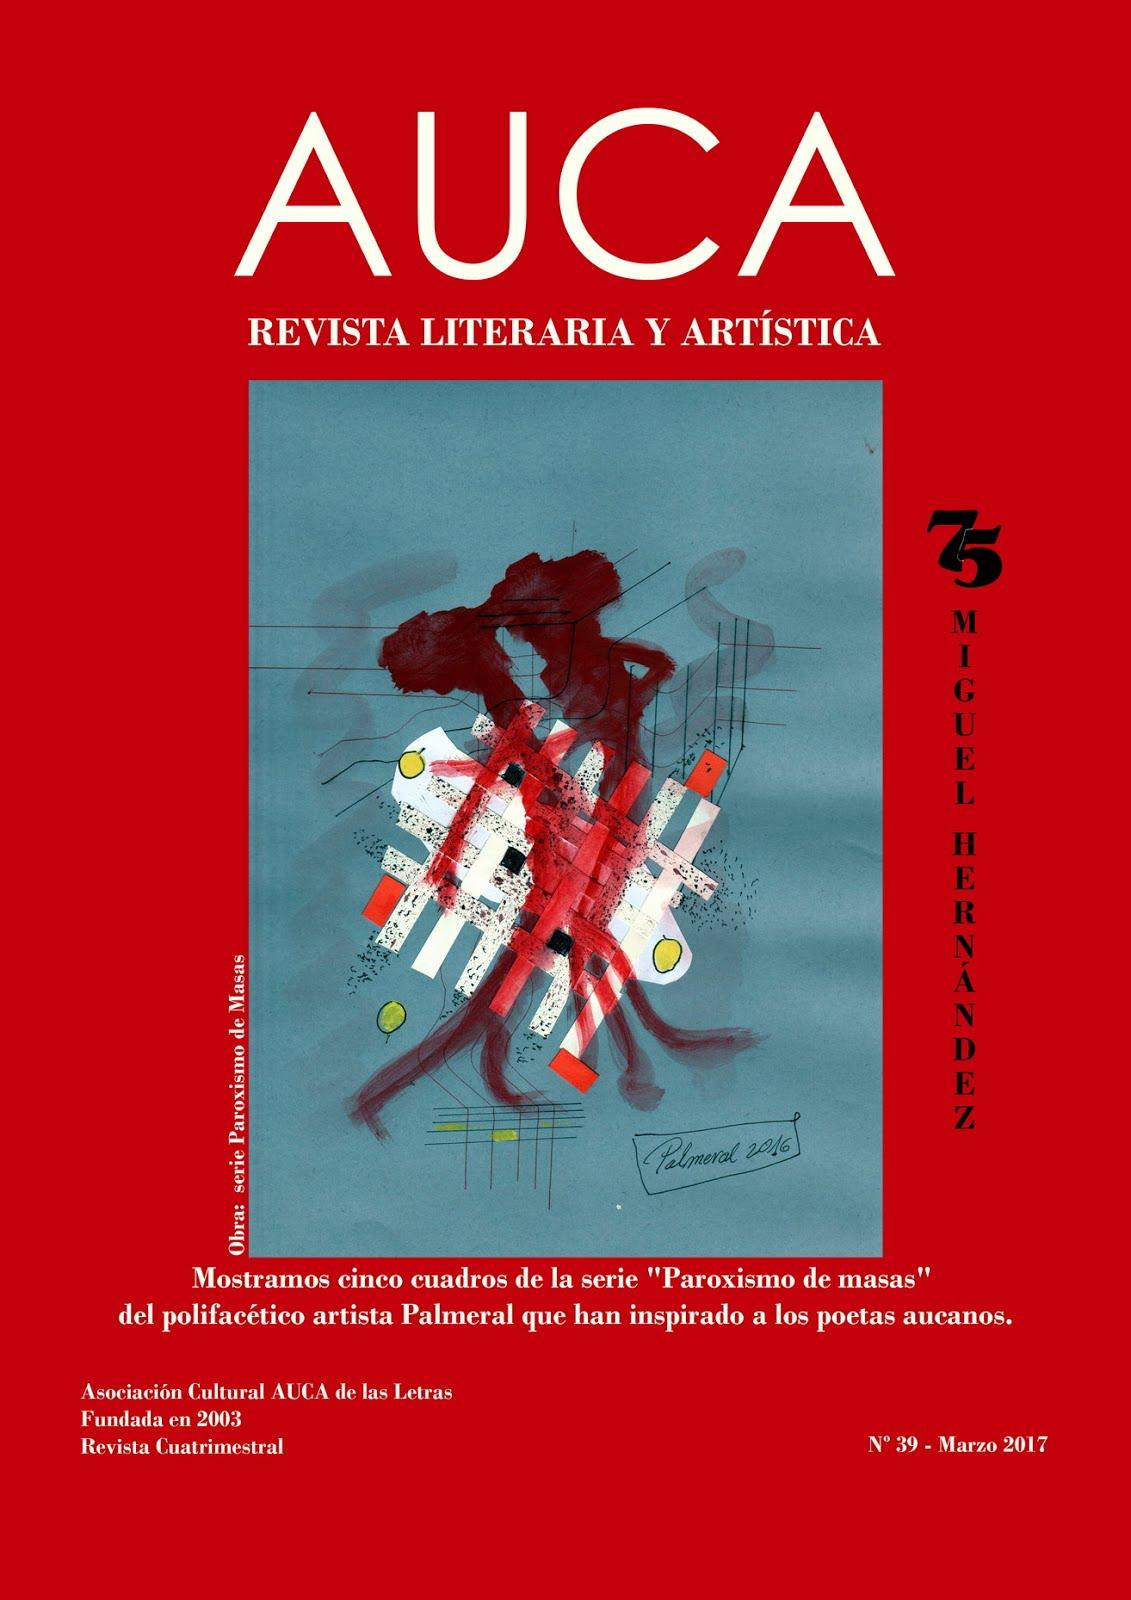 La revista AUCA de Alicante